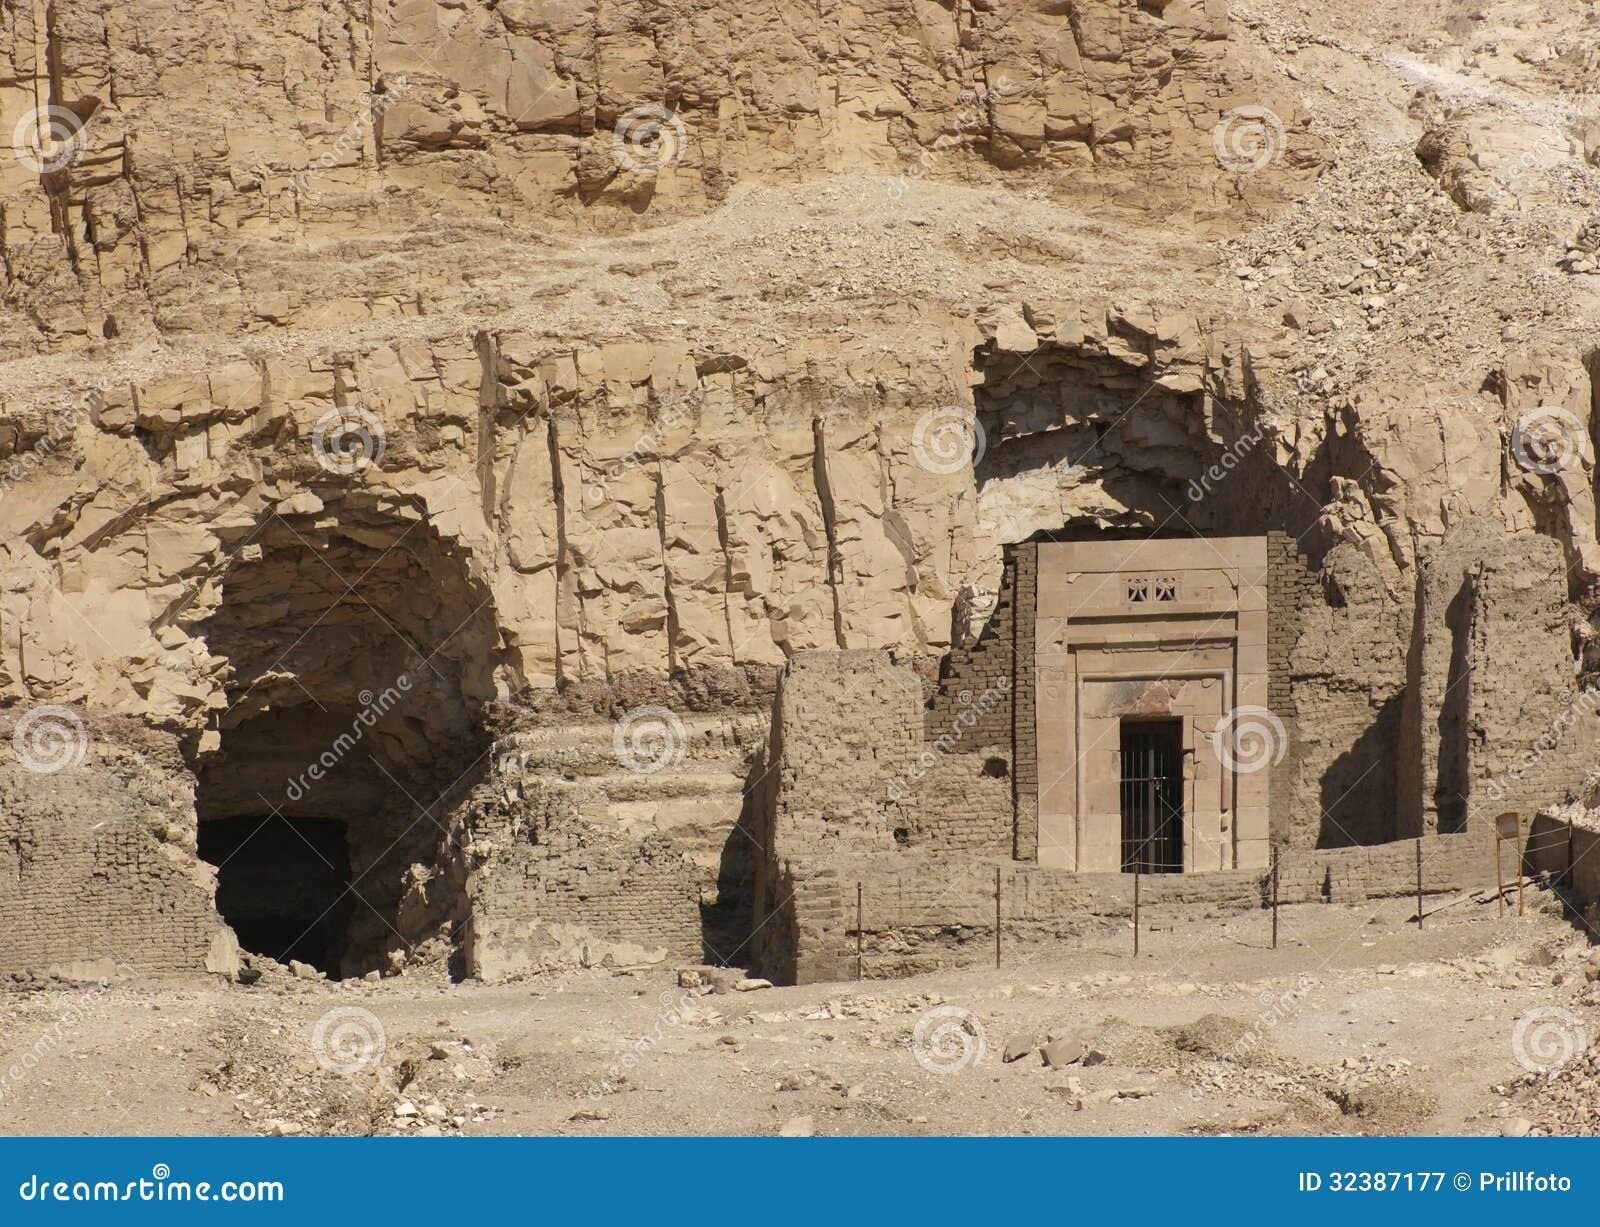 ... hatshepsut tomb paintings hatshepsut artifacts inside hatshepsut tomb